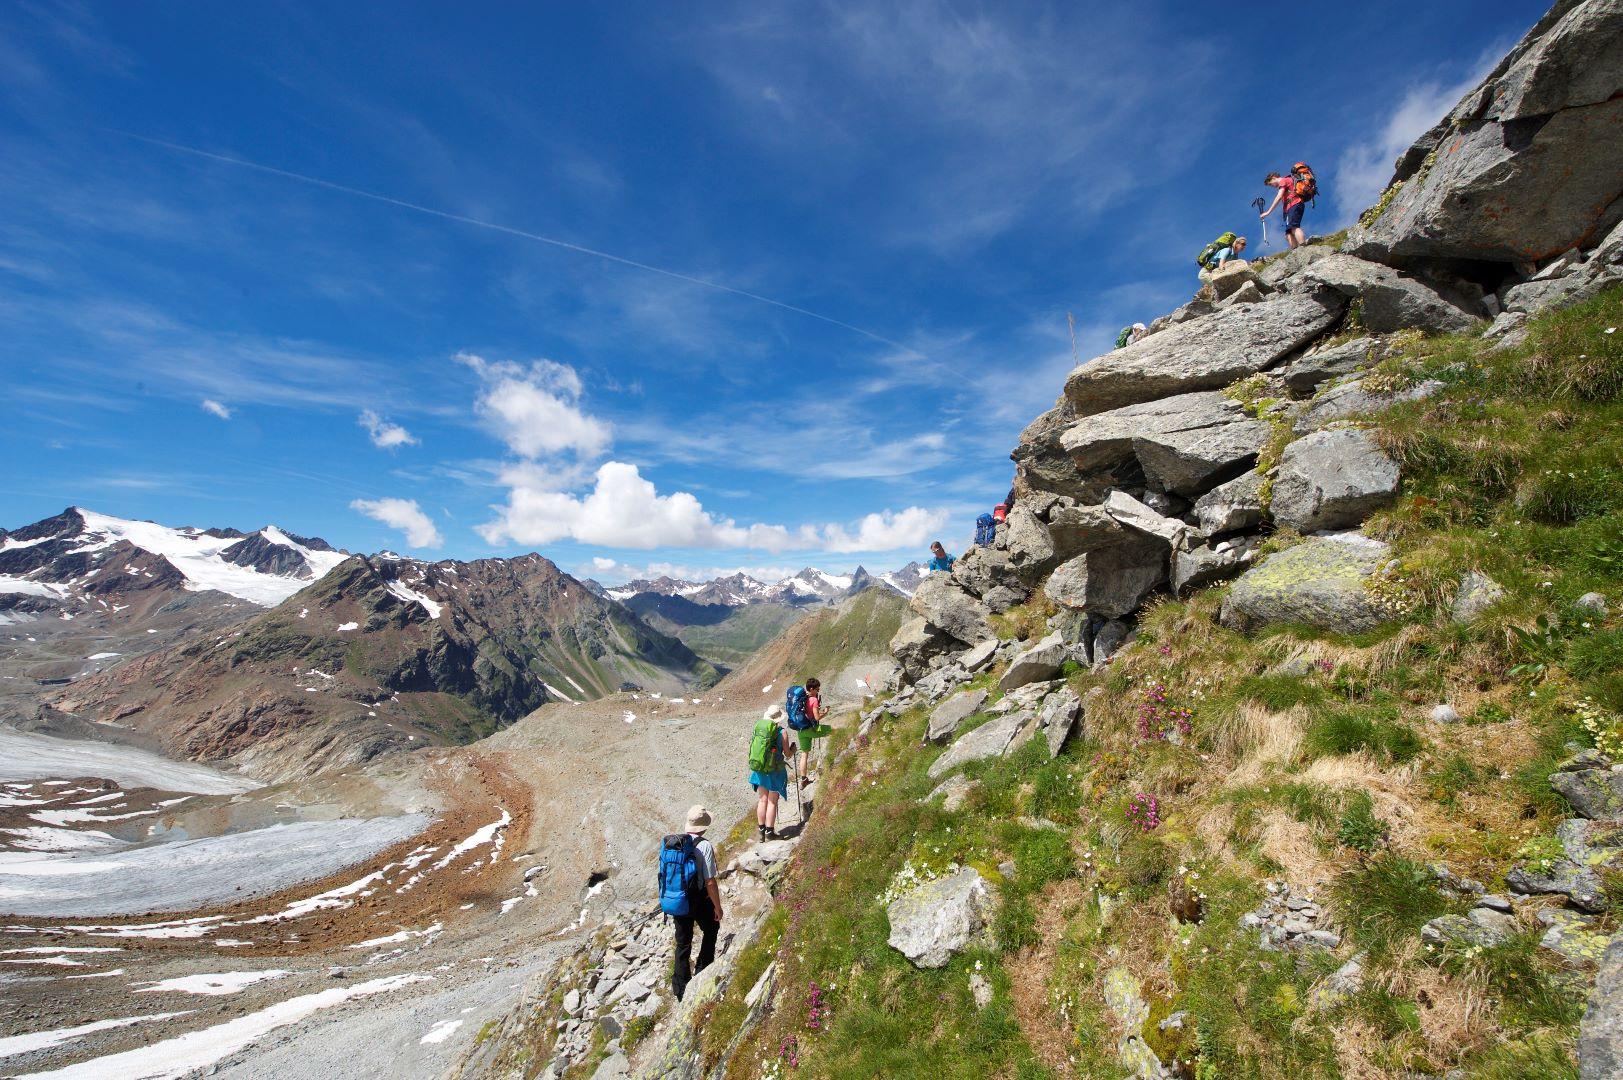 Mit Erholungs- bzw. Gipfeltagen über die Alpen wandern